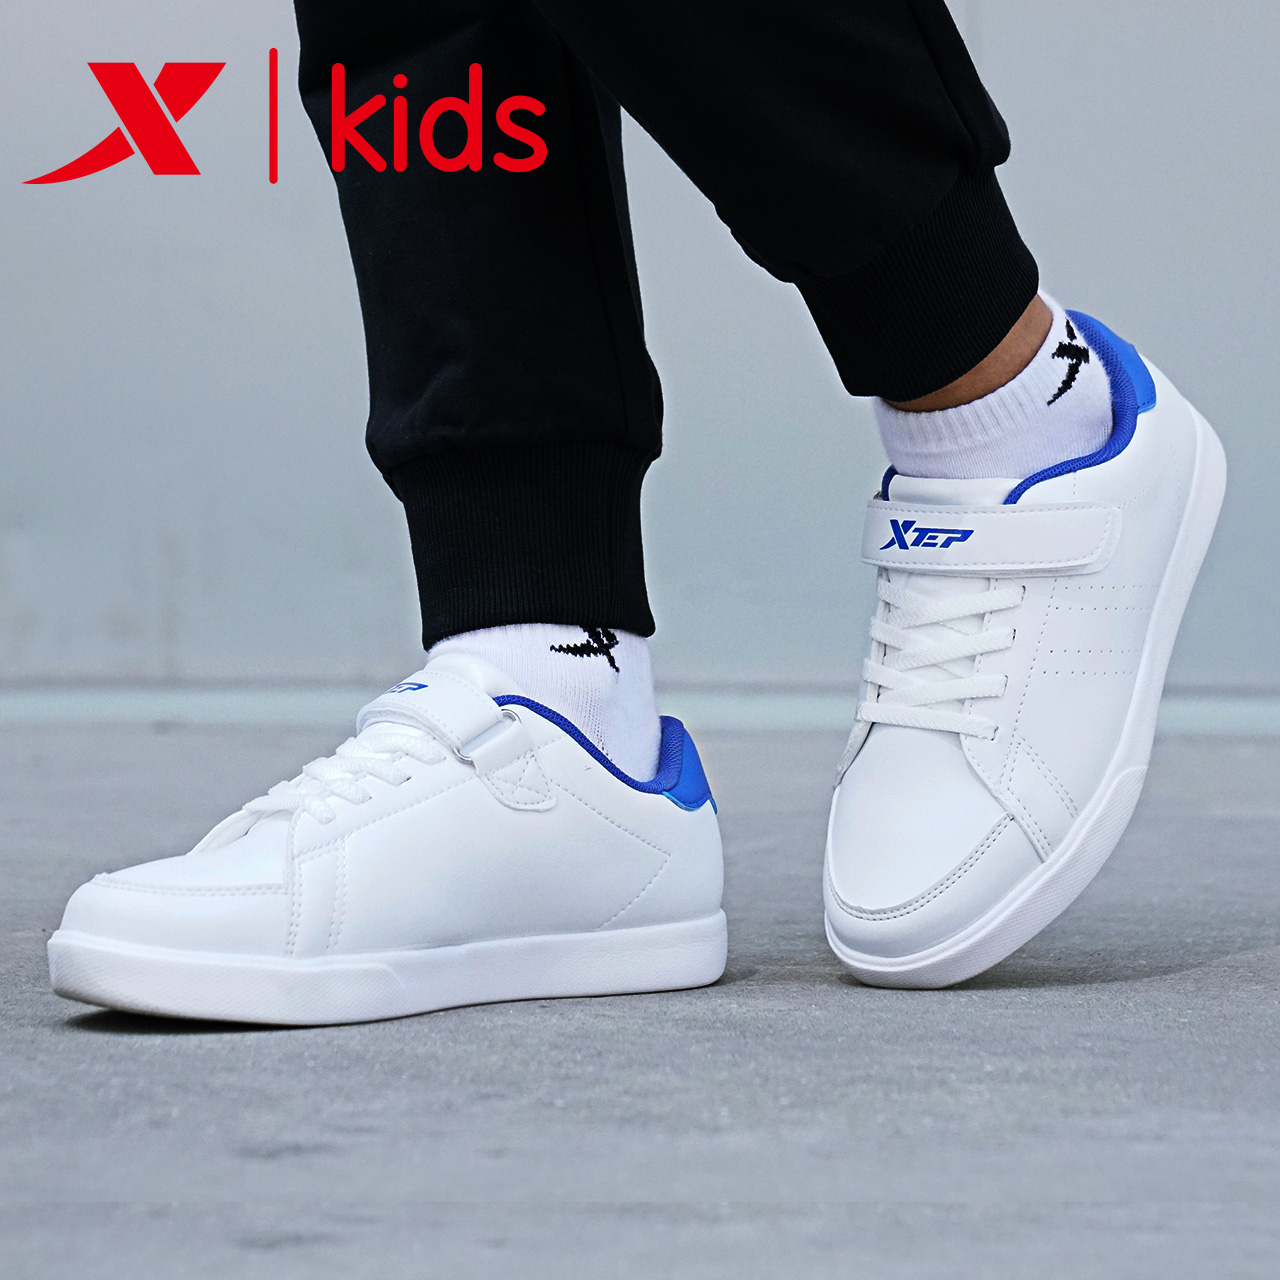 特步童鞋 儿童运动鞋男童女童休闲鞋子透气小白鞋板鞋秋冬季